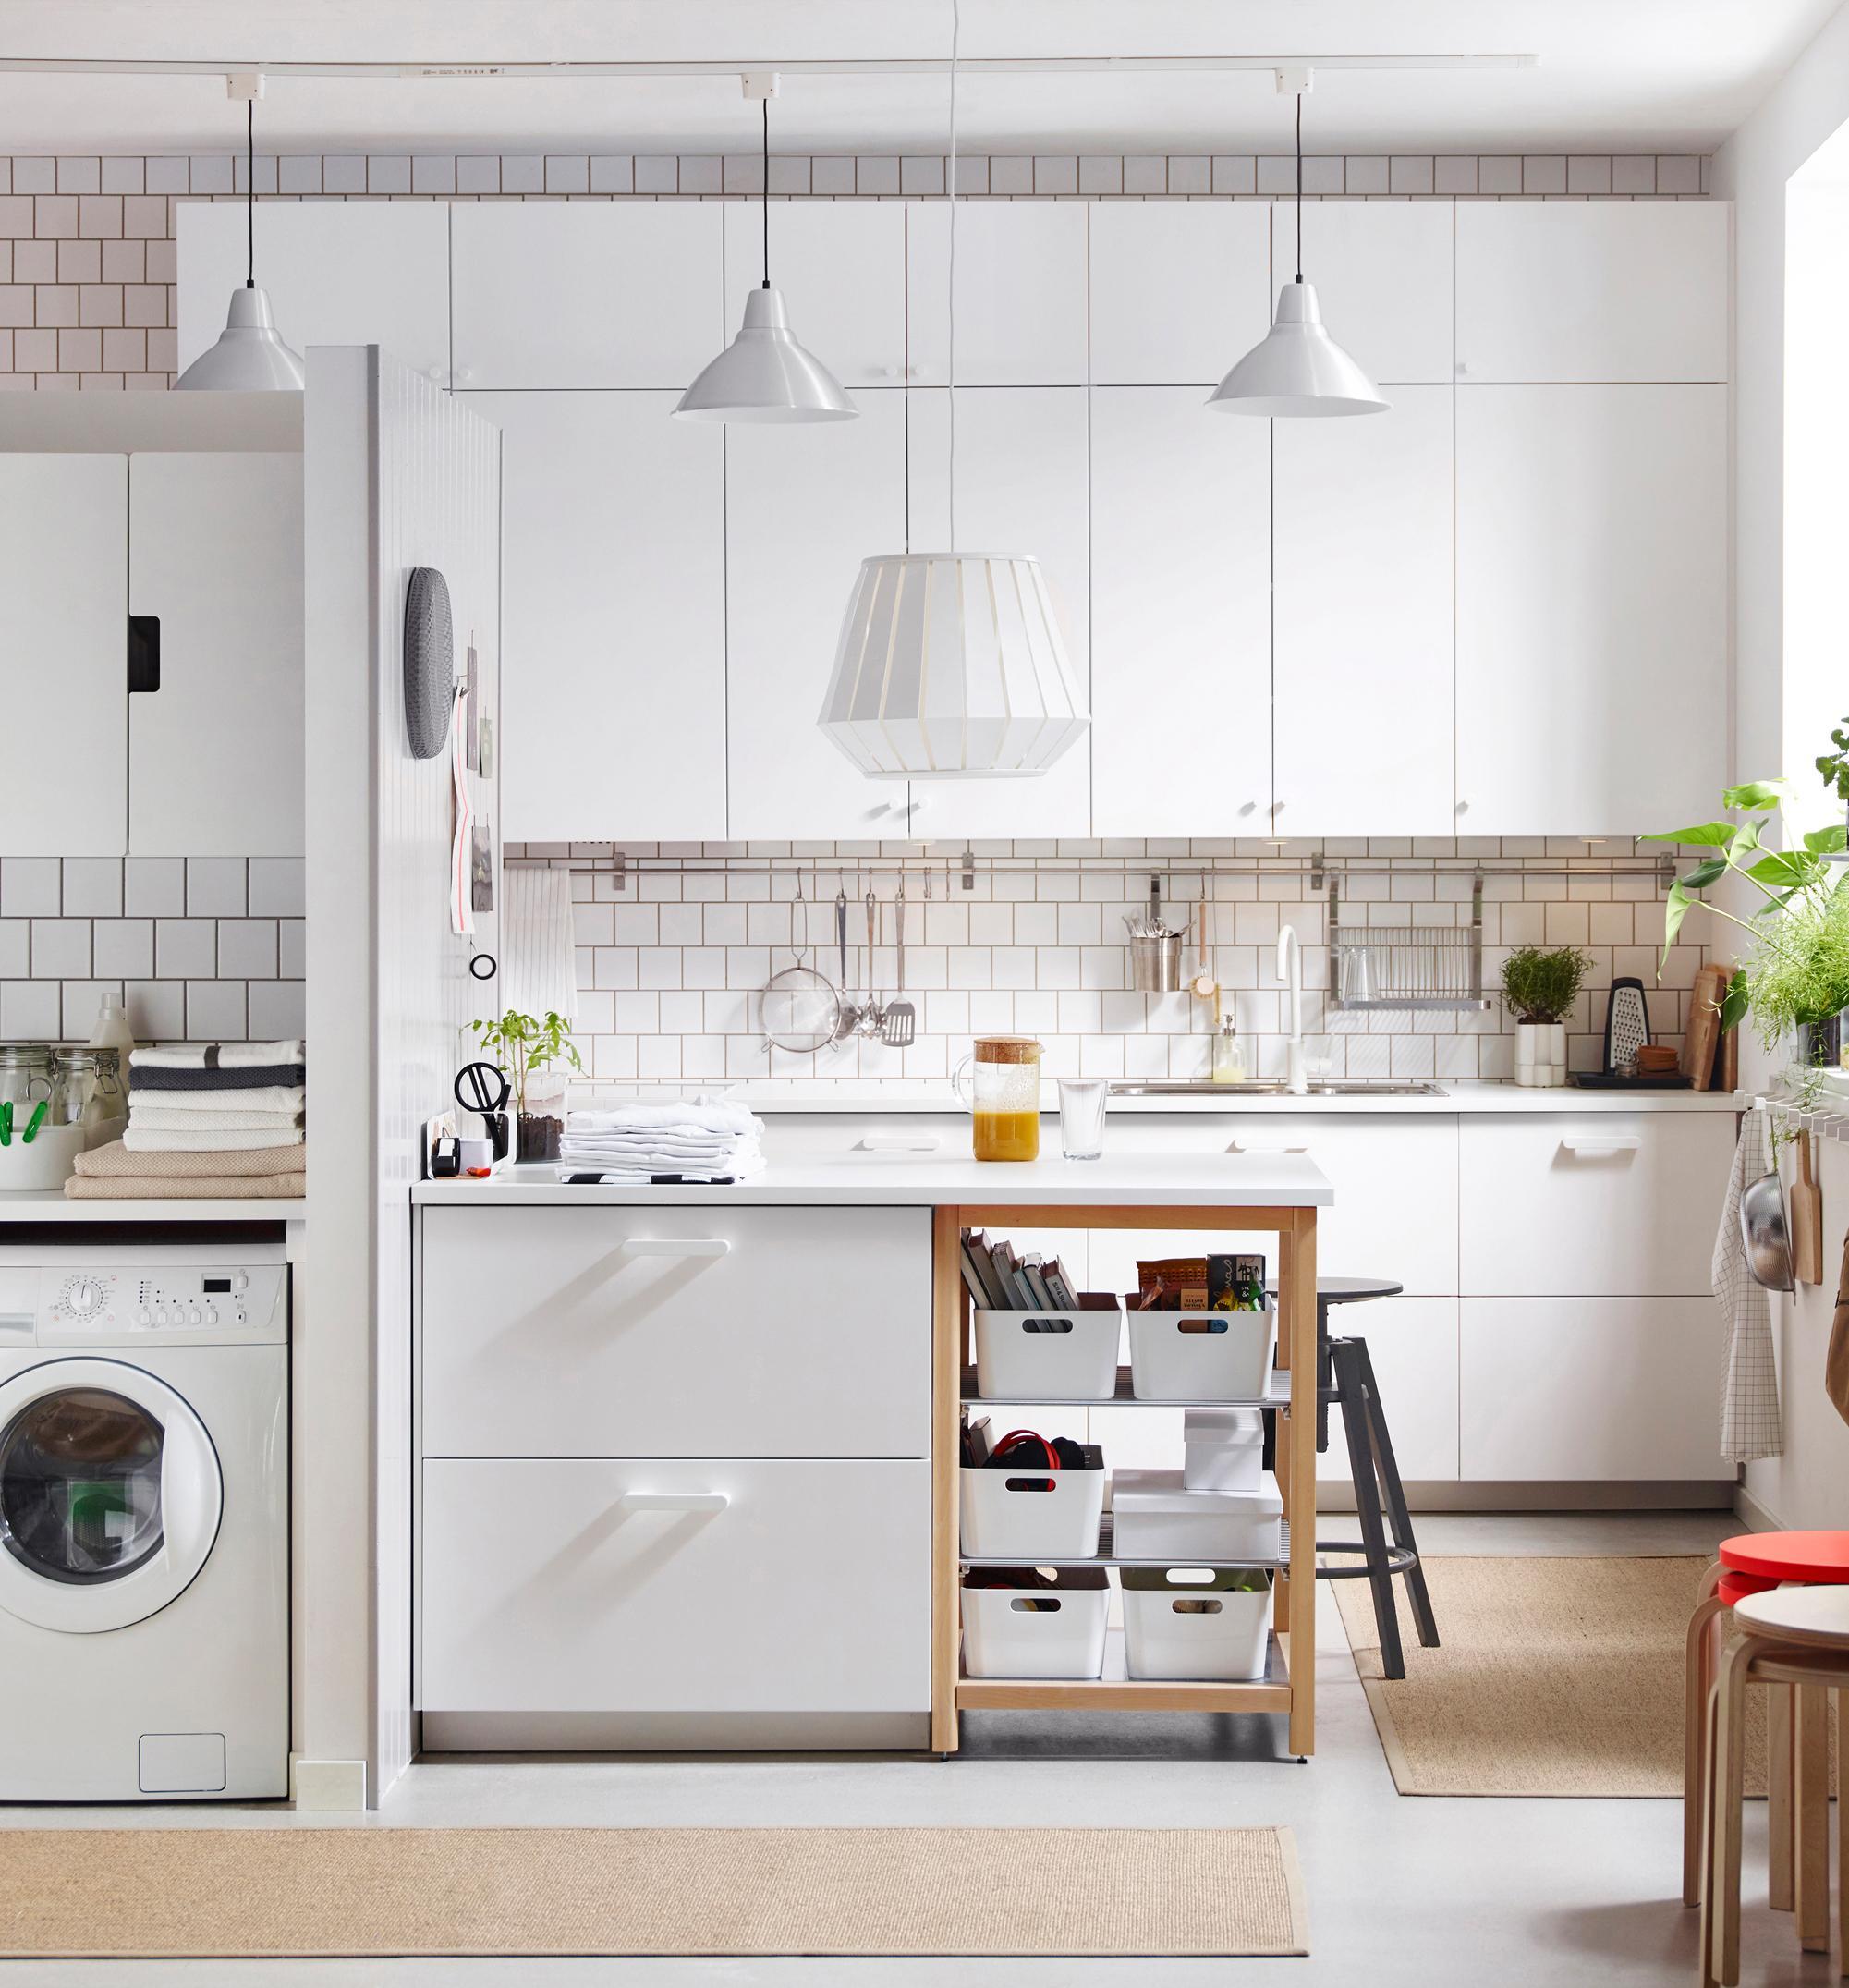 Full Size of Ikea Miniküche Stengel Küche Kosten Betten Bei Kaufen Mit Kühlschrank Modulküche 160x200 Wohnzimmer Miniküche Ikea